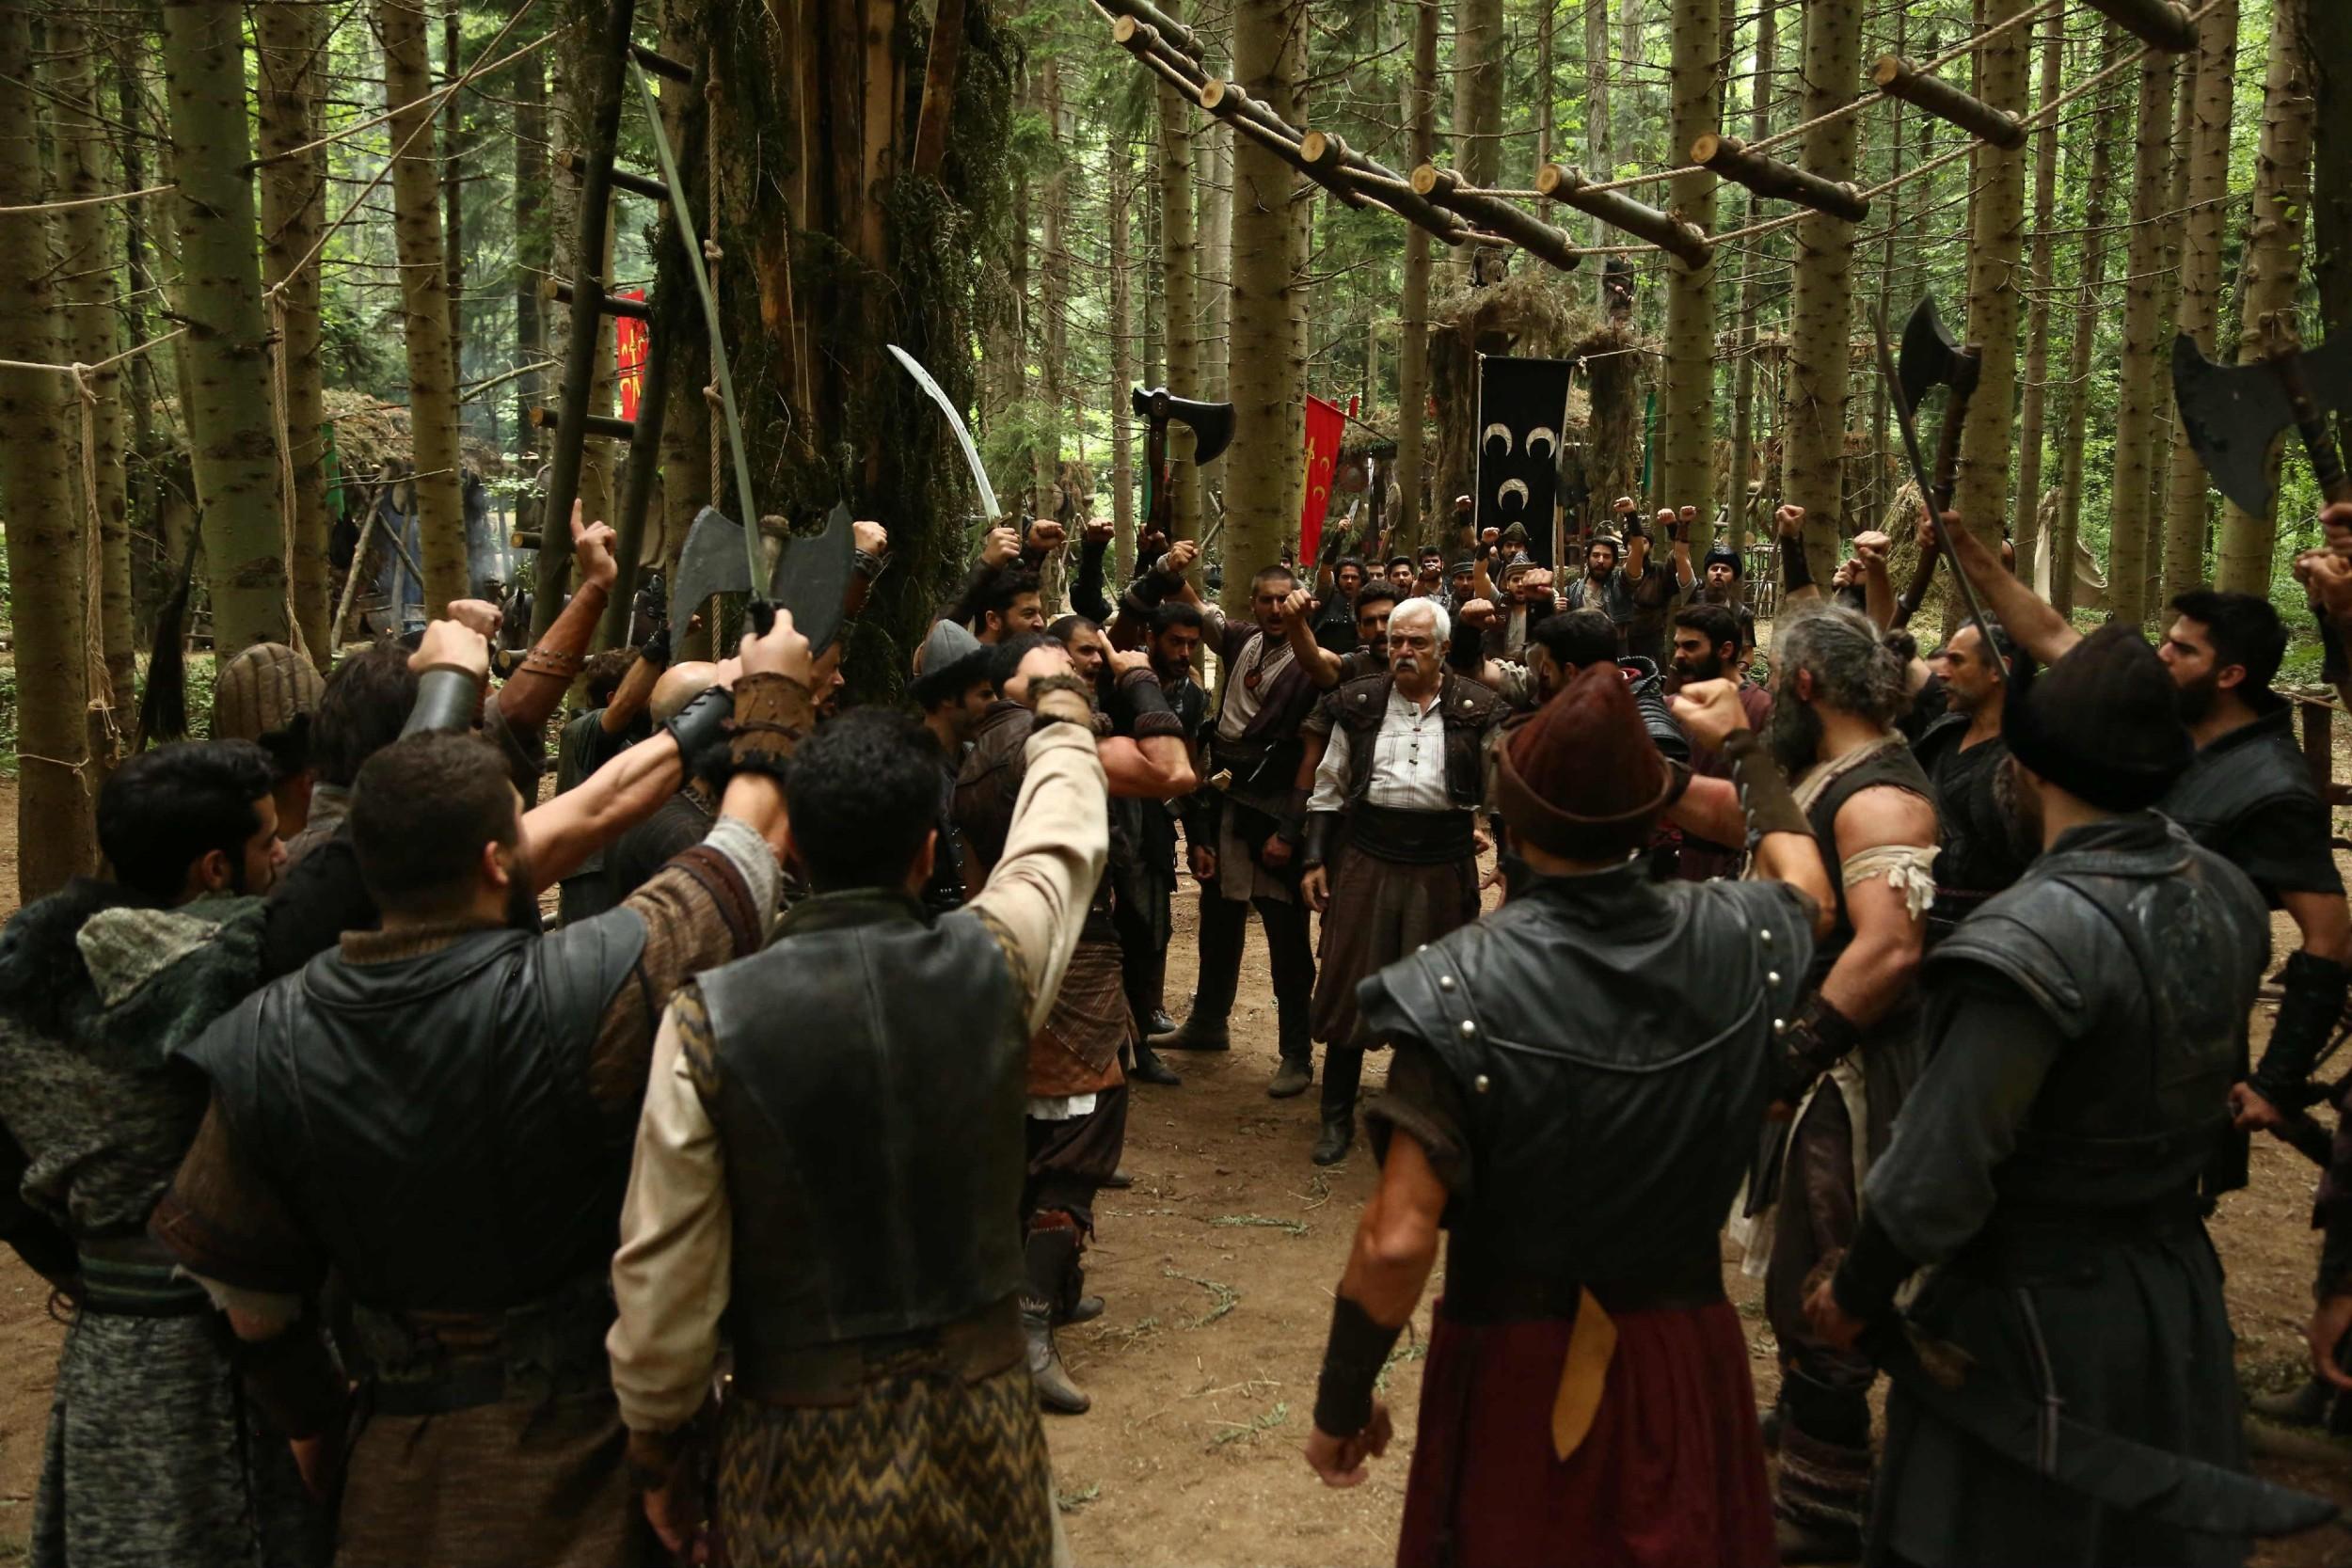 """Scena iz filma """"Turci dolaze. Sablja pravde"""" u kojoj su prikazane Osmanlije (Foto: imdb.com/Birkan YUKSEL)"""